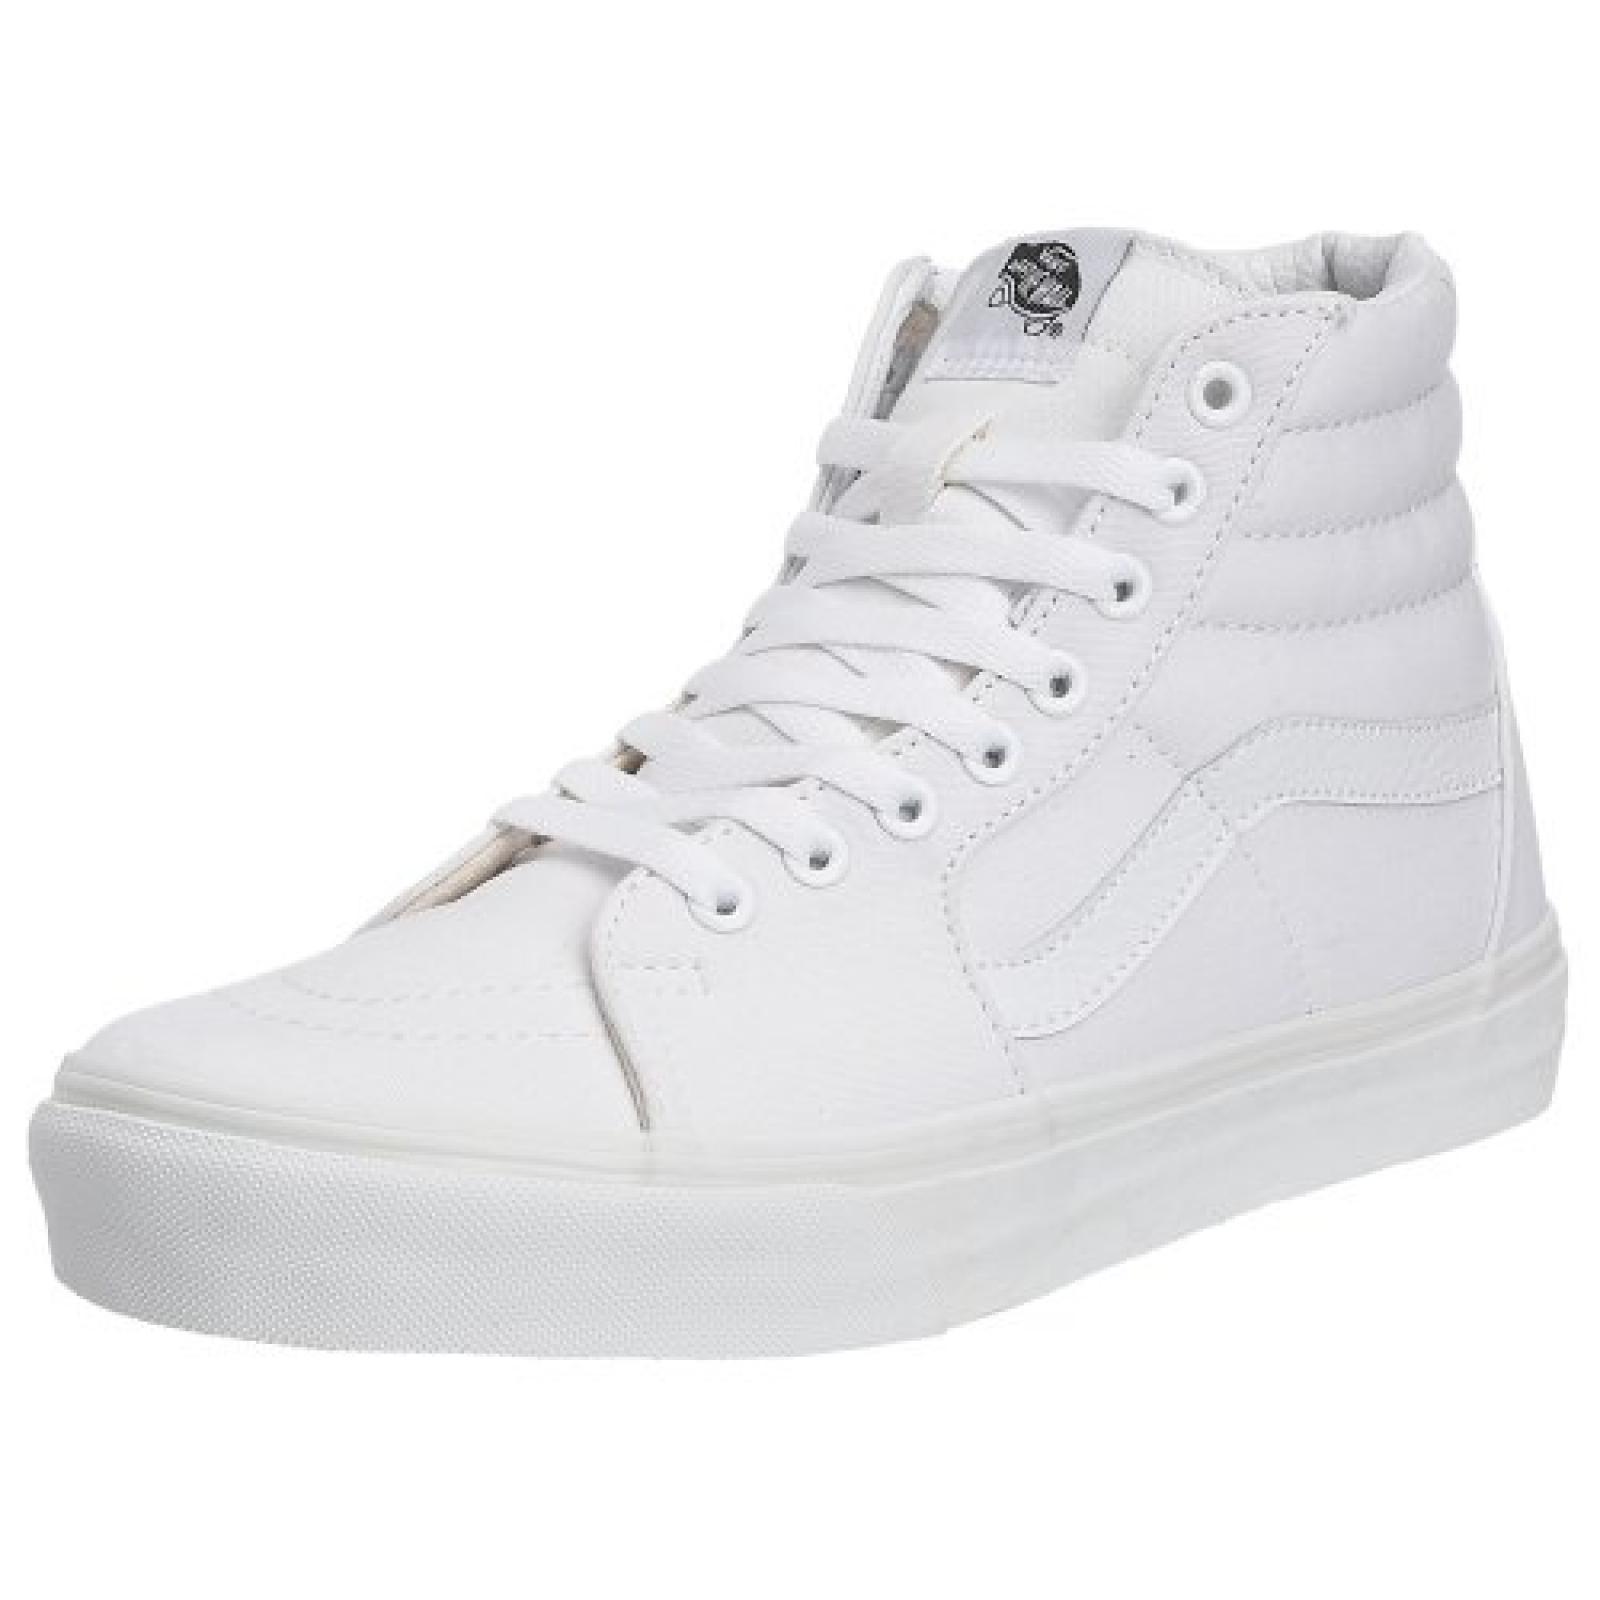 Vans SK8-HI Unisex-Erwachsene Hohe Sneakers